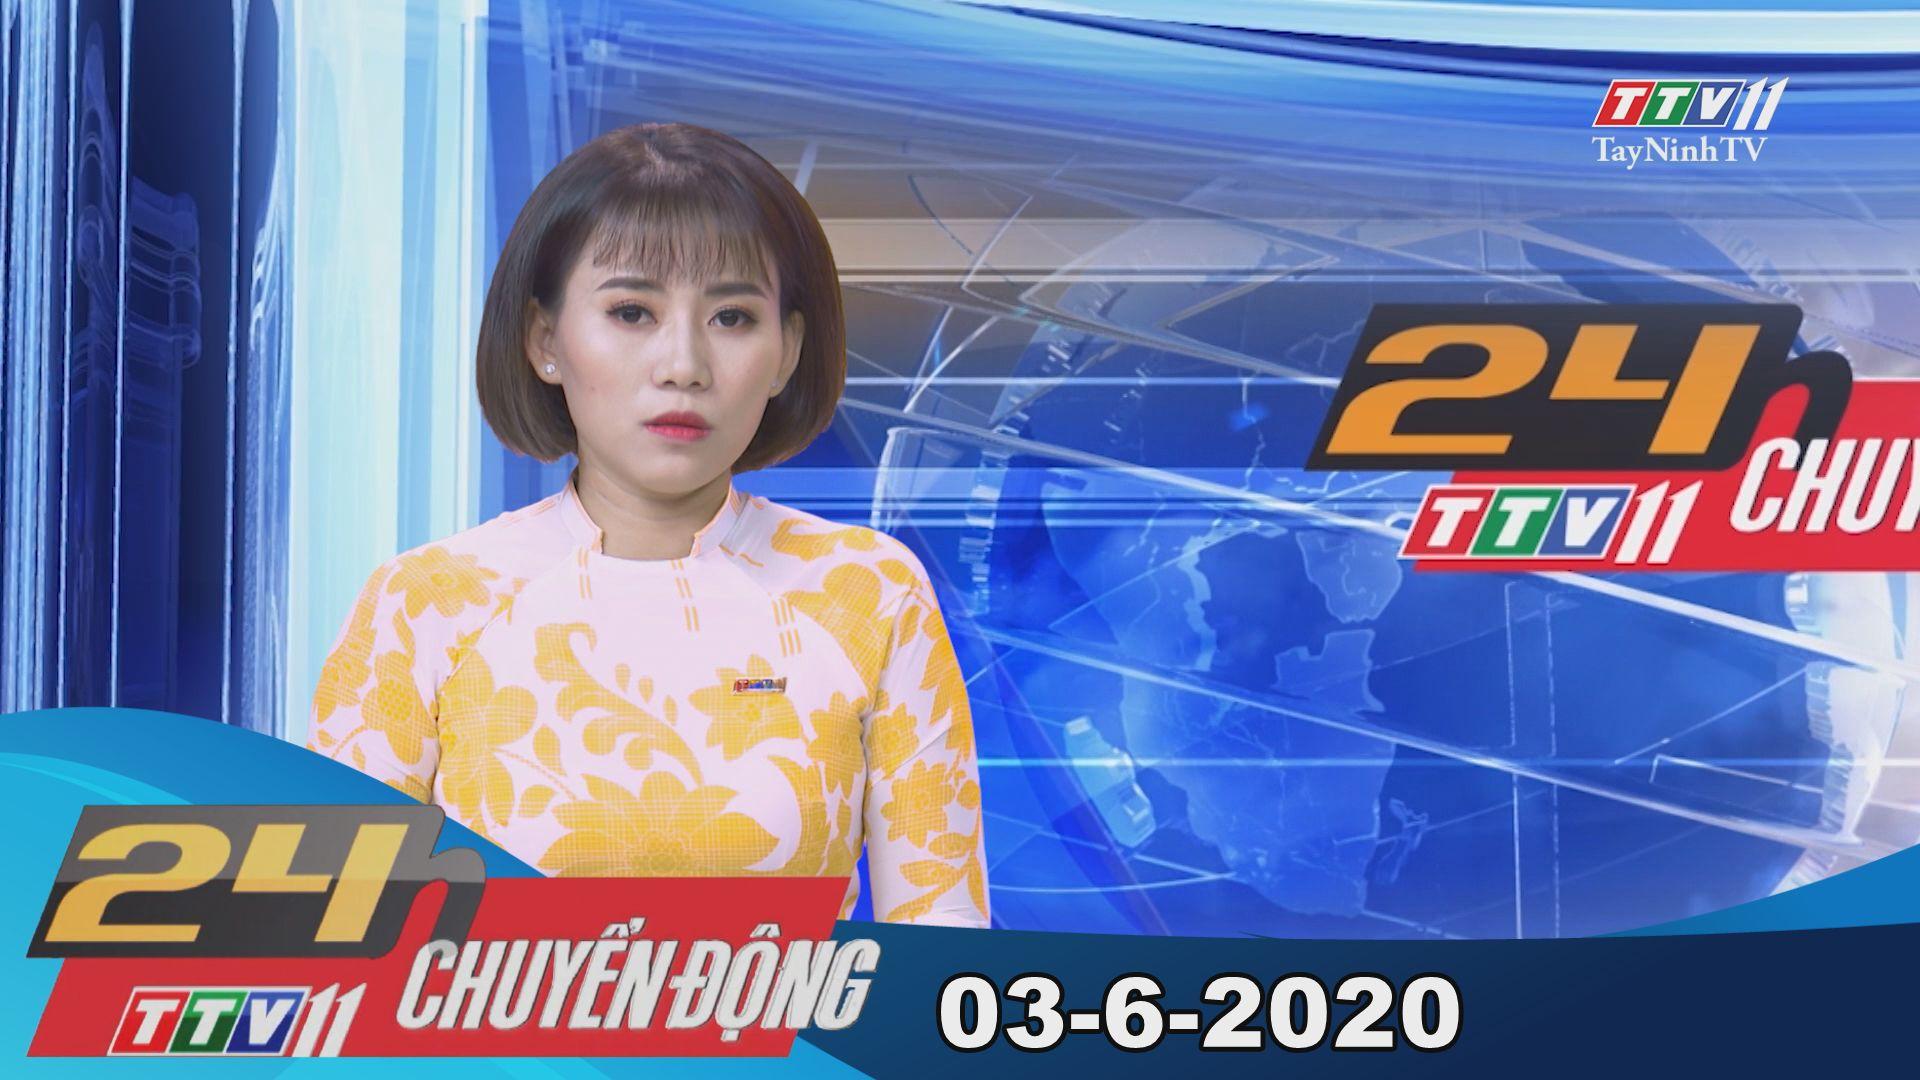 24h Chuyển động 03-6-2020 | Tin tức hôm nay | TayNinhTV